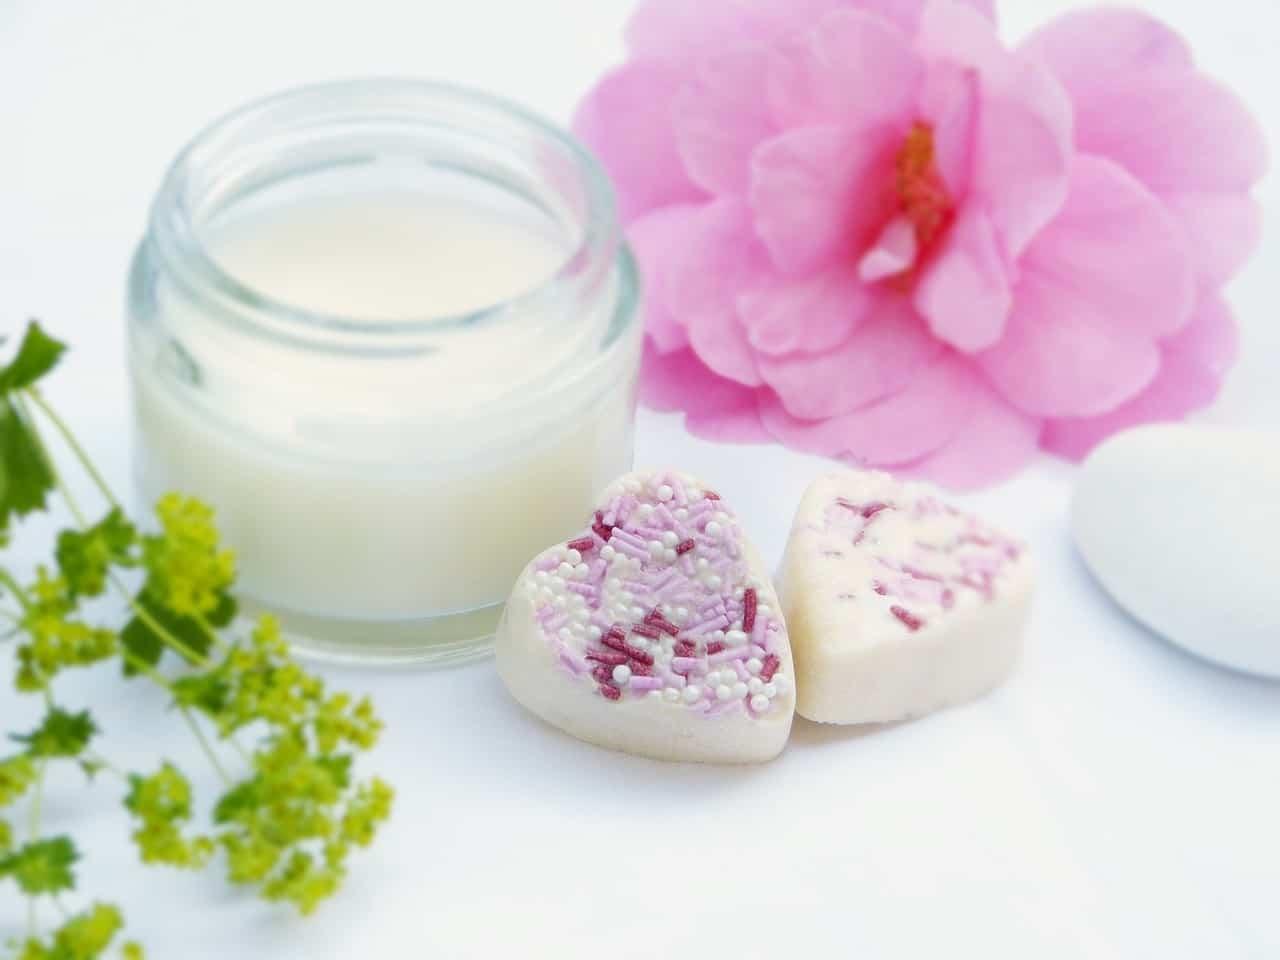 Aplicarte una crema hidratante natural, sin conservantes, es una buena opción y ayuda a reafirmar la piel del busto.